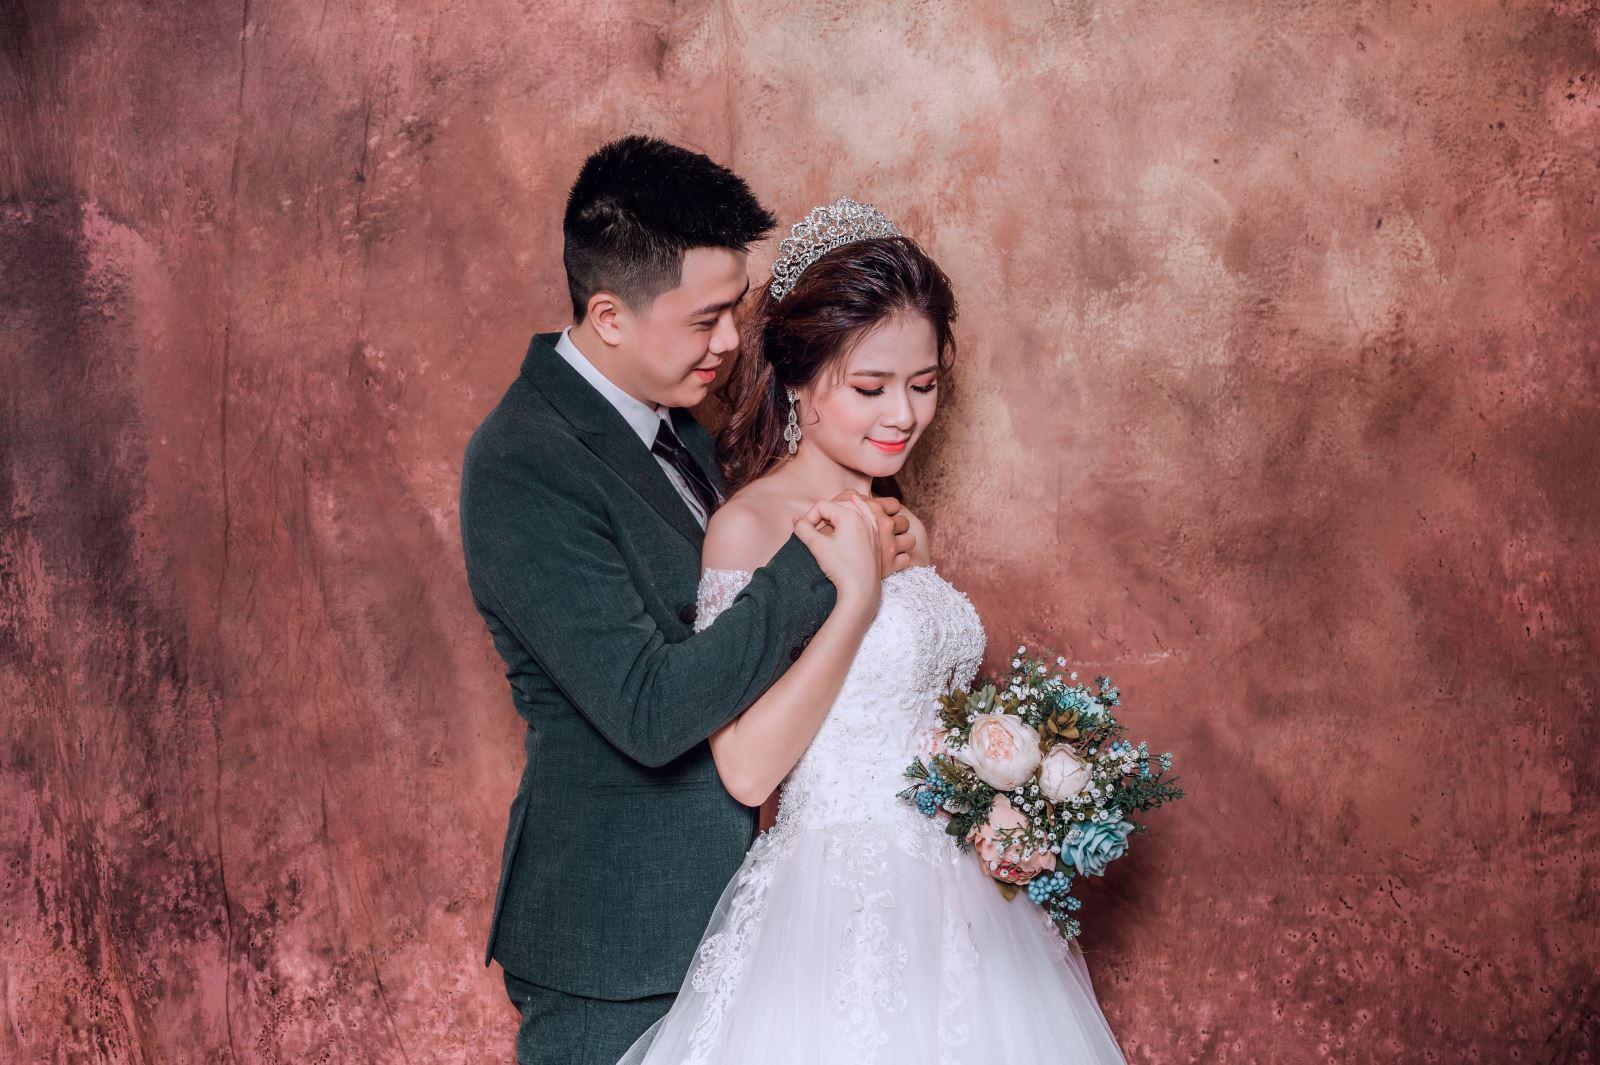 địa chỉ chụp ảnh cưới đẹp